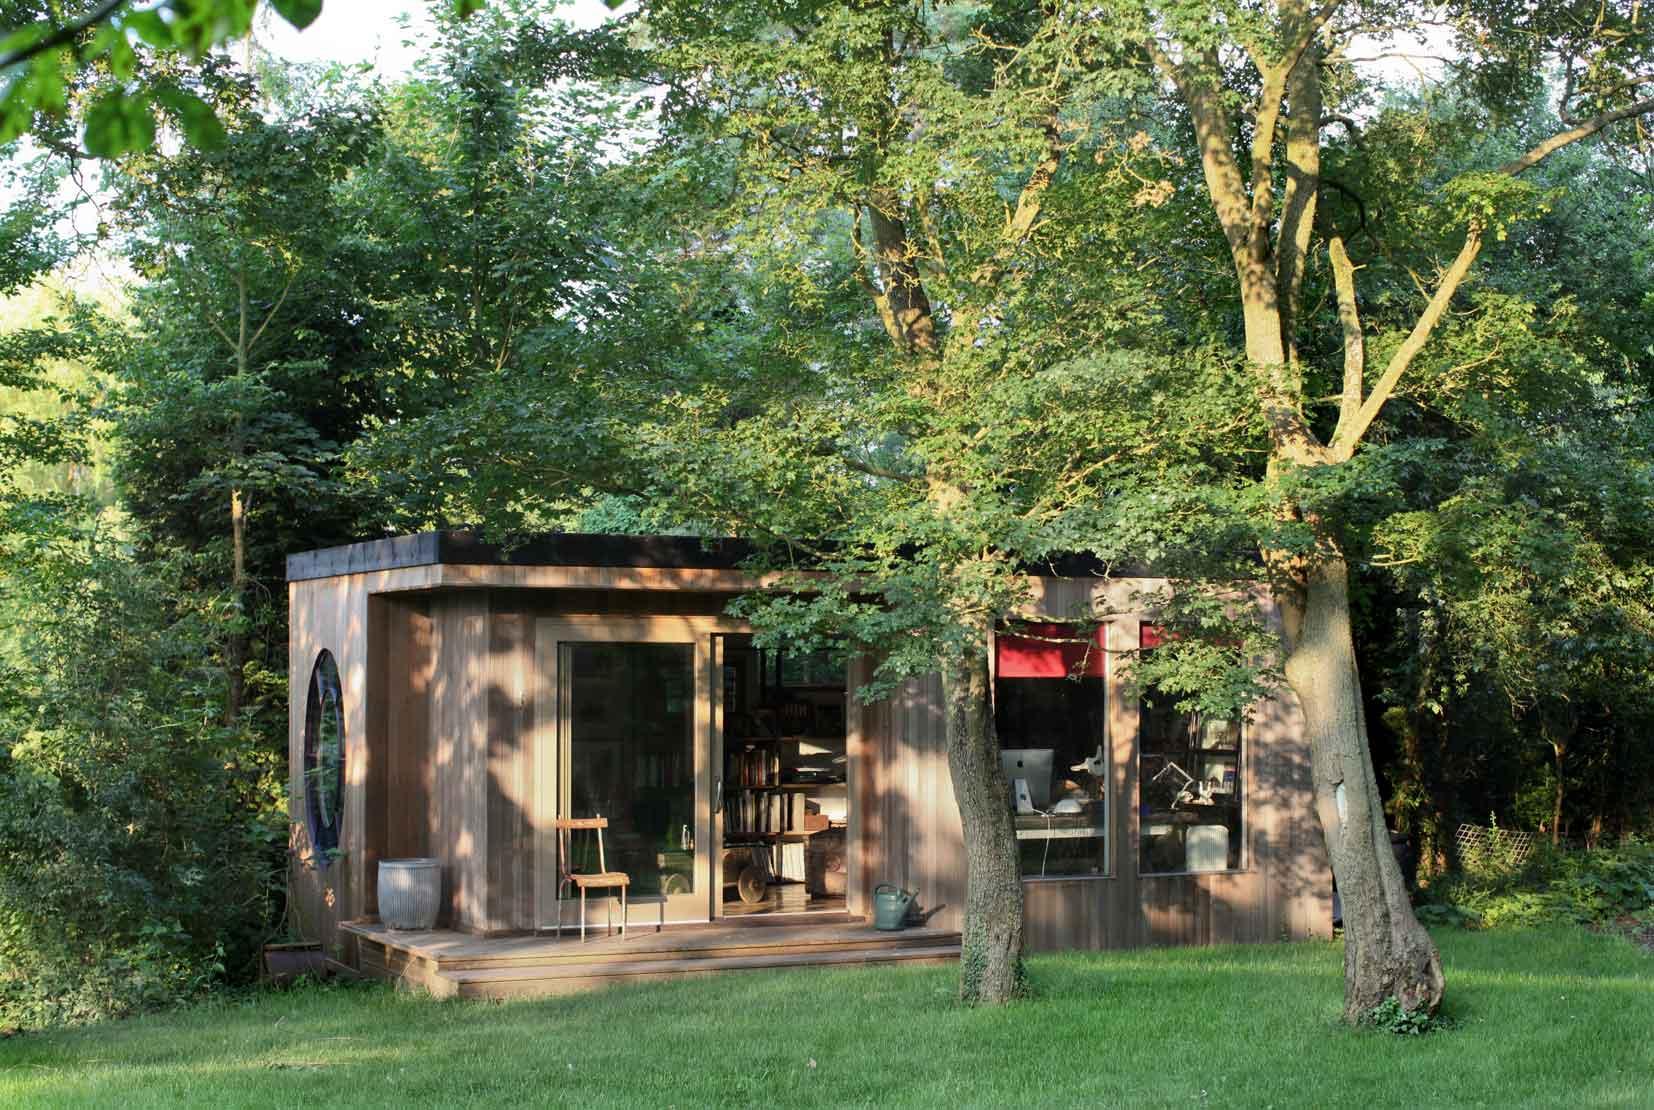 Harry Villiers splendid garden room